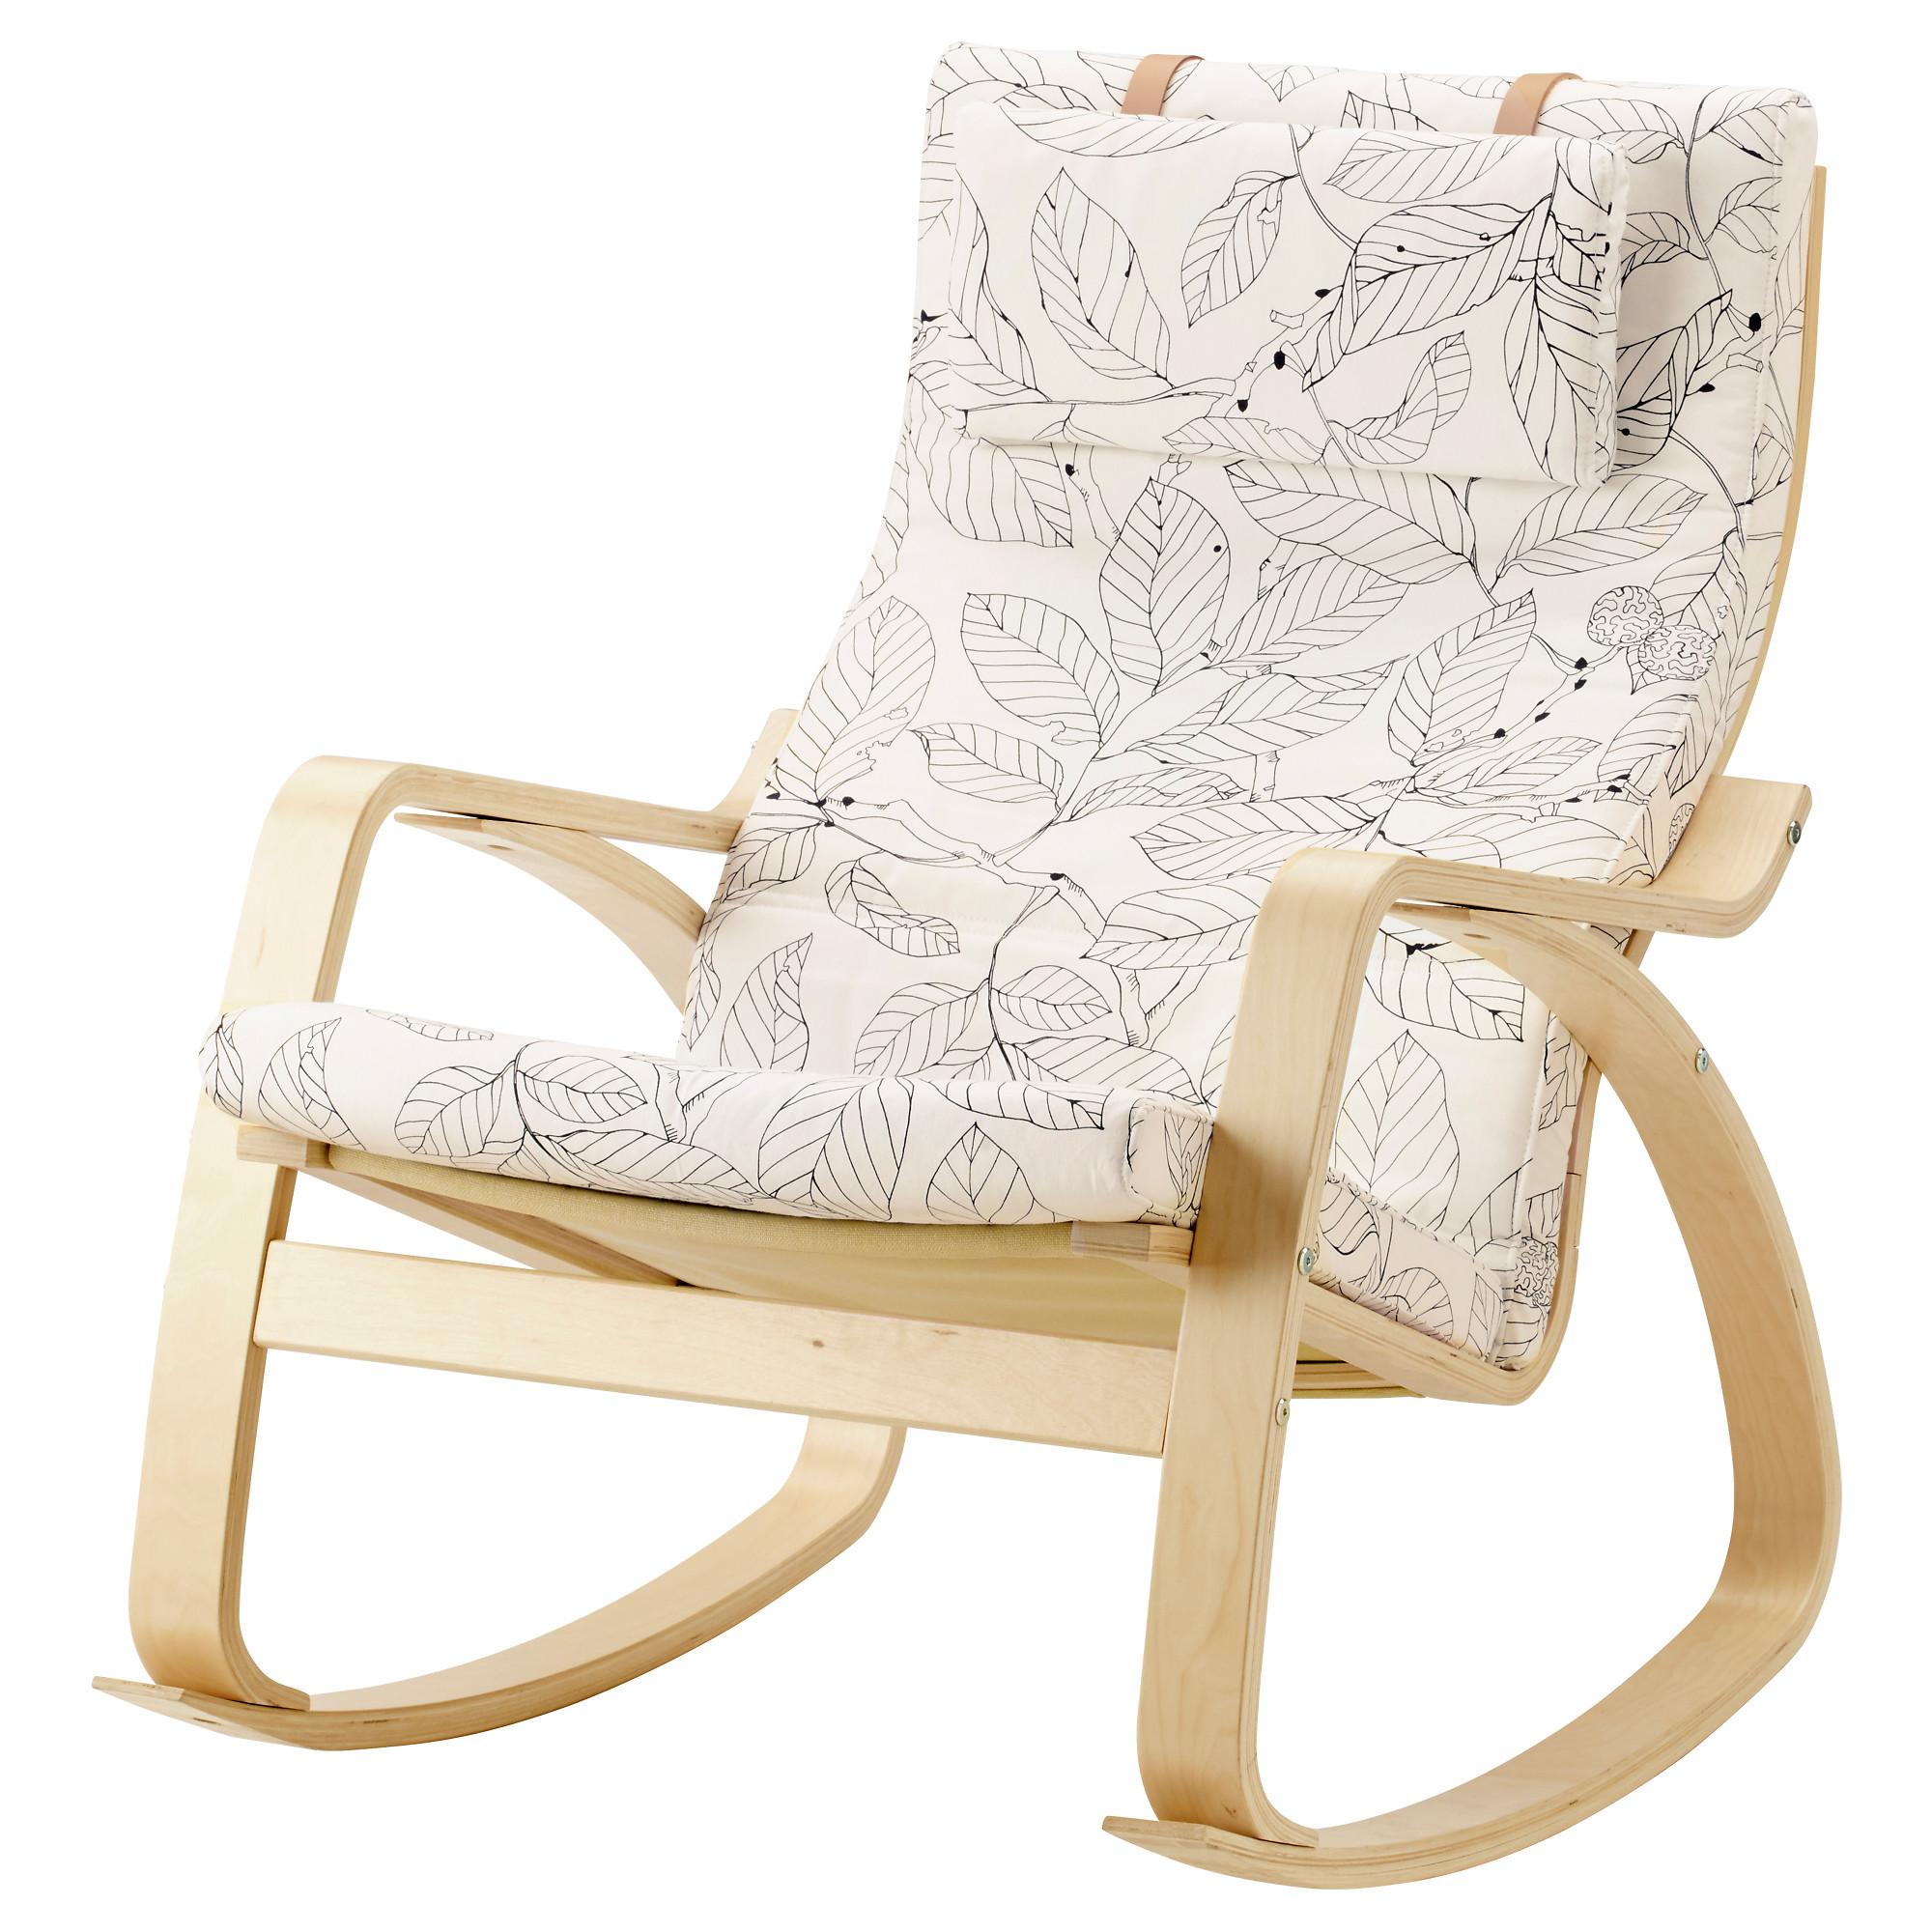 Кресло-качалка ПОЭНГ черный/белый артикуль № 392.515.68 в наличии. Онлайн сайт IKEA Республика Беларусь. Недорогая доставка и монтаж.